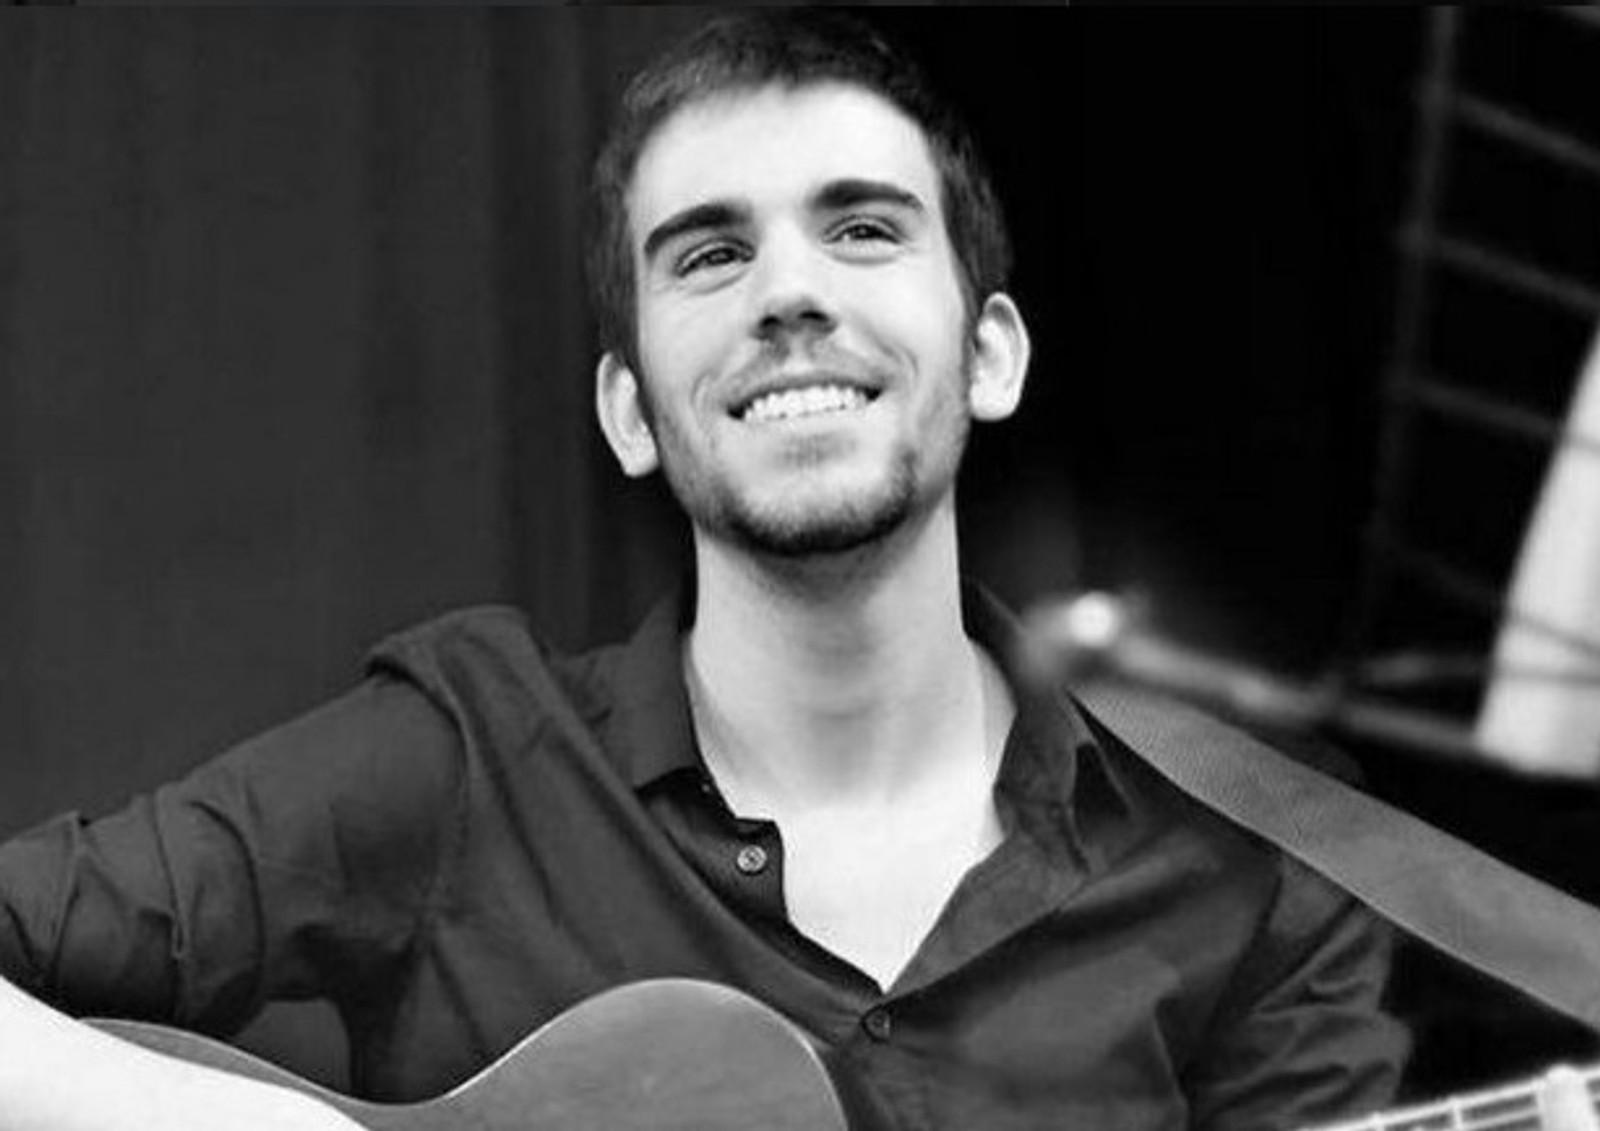 DREPT: Musikeren Baptiste Chevreau (24) var fra Tonnerre i Yonne, men bodde i hovedstaden. På Bataclan mistet han livet. Baptiste jobbet som gitarlærer på en musikkskole i Paris.